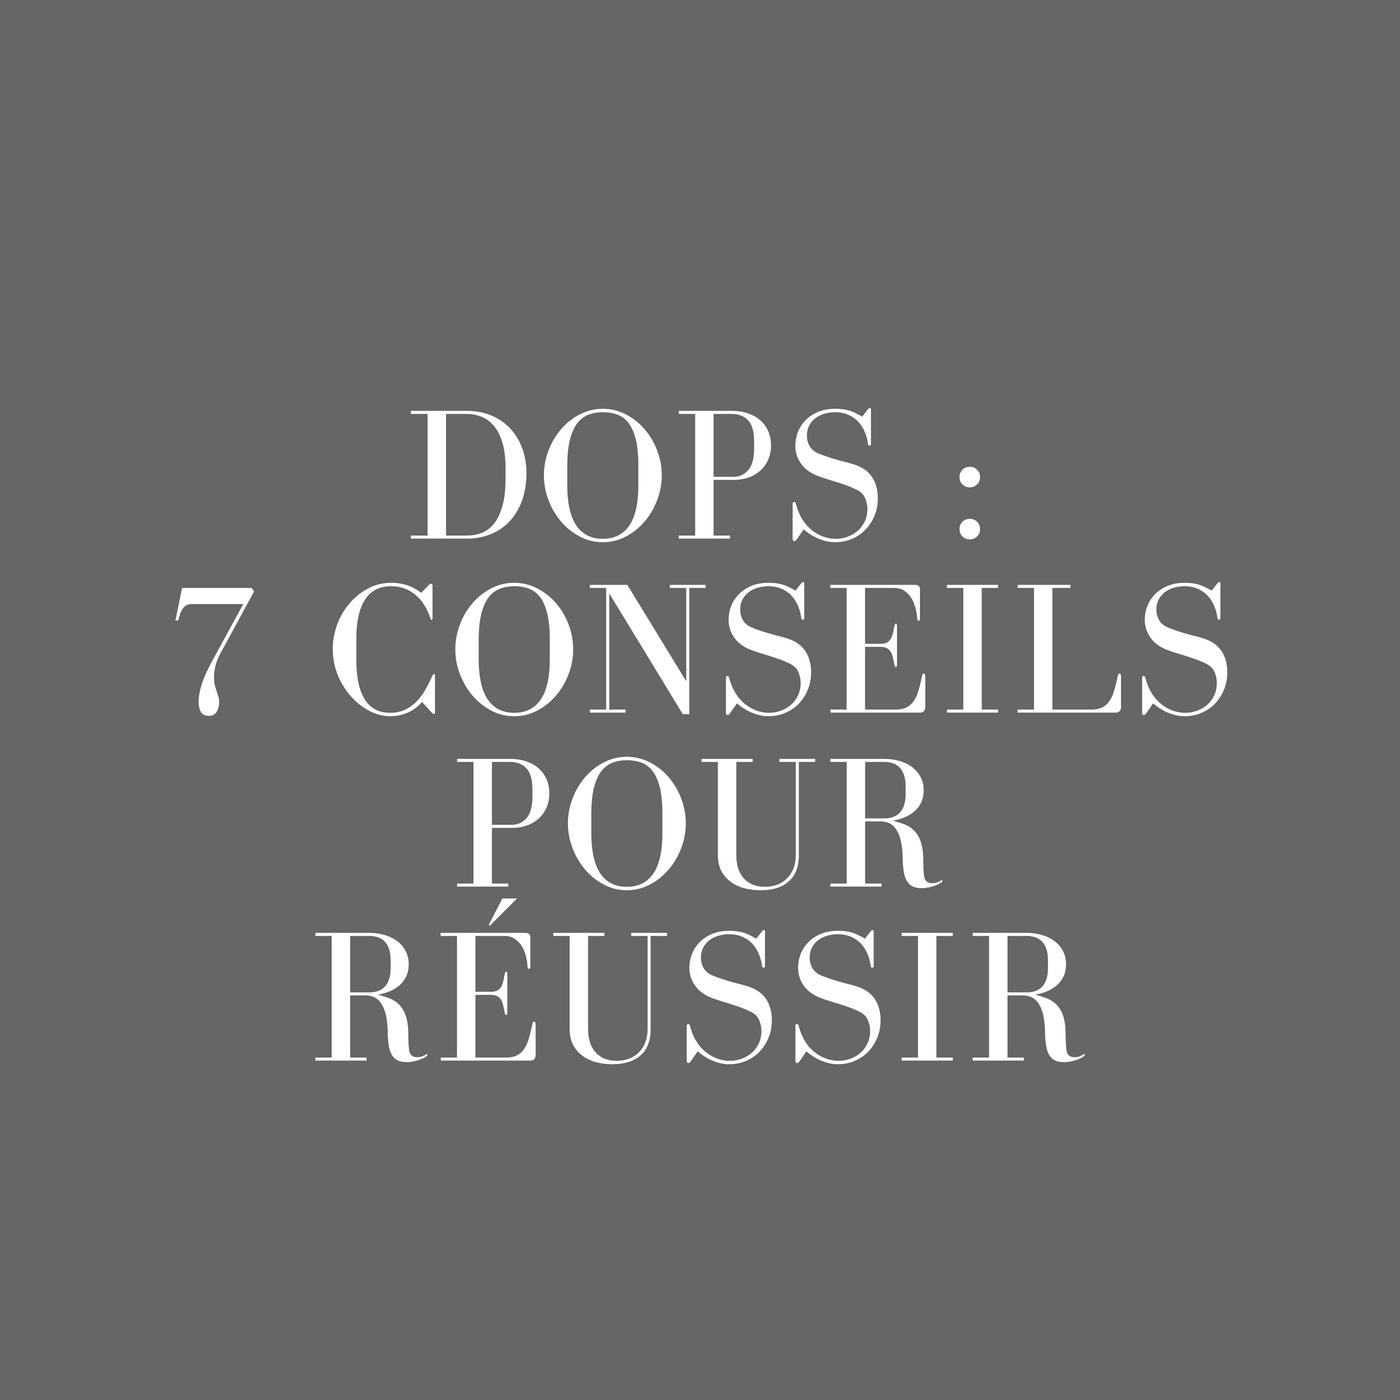 DOPS : 7 conseils pour le réussir